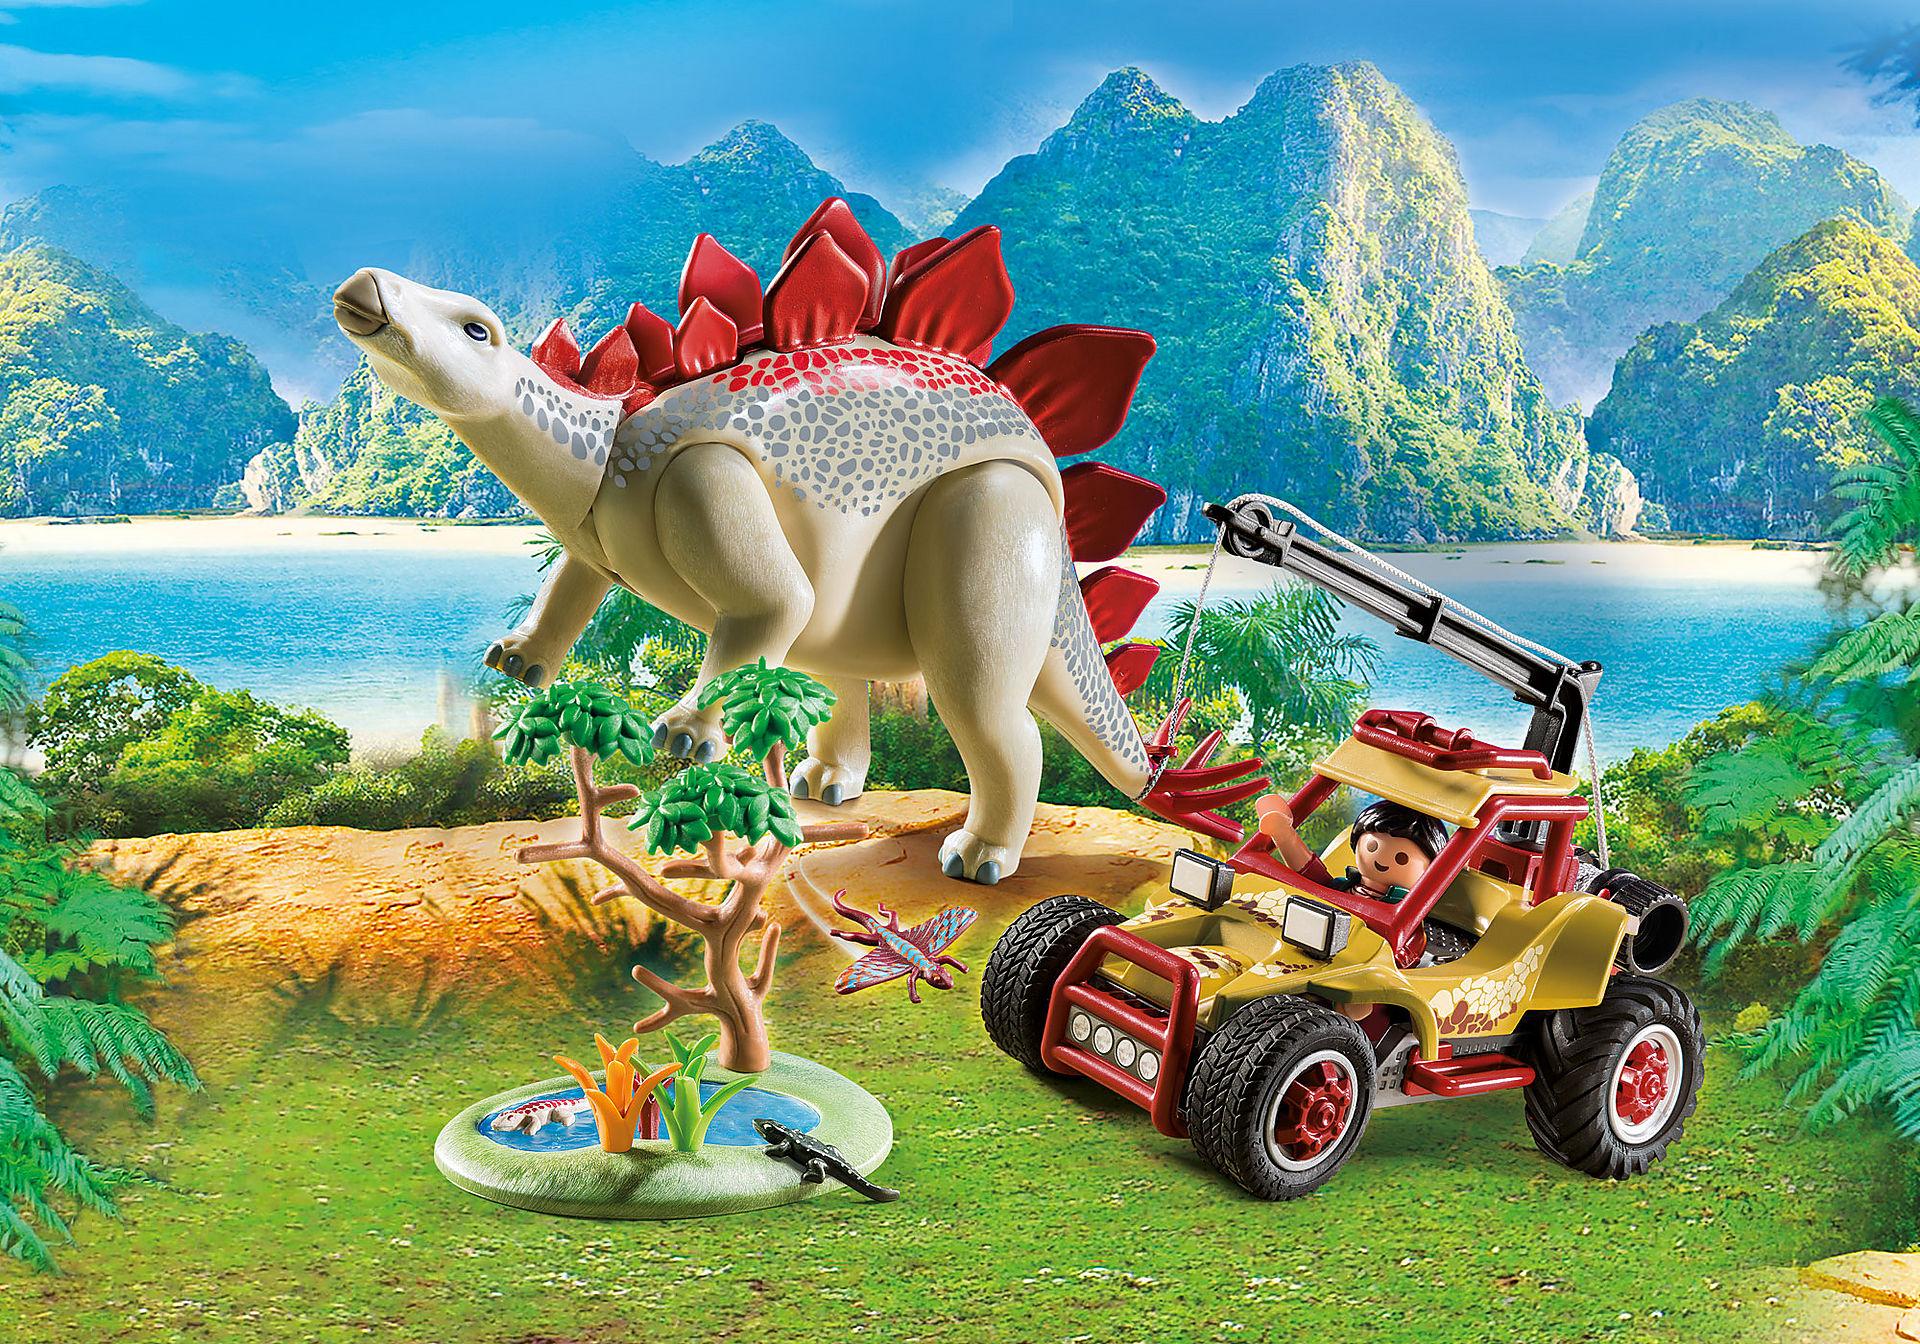 9432 Buggy met Stegosaurus zoom image1